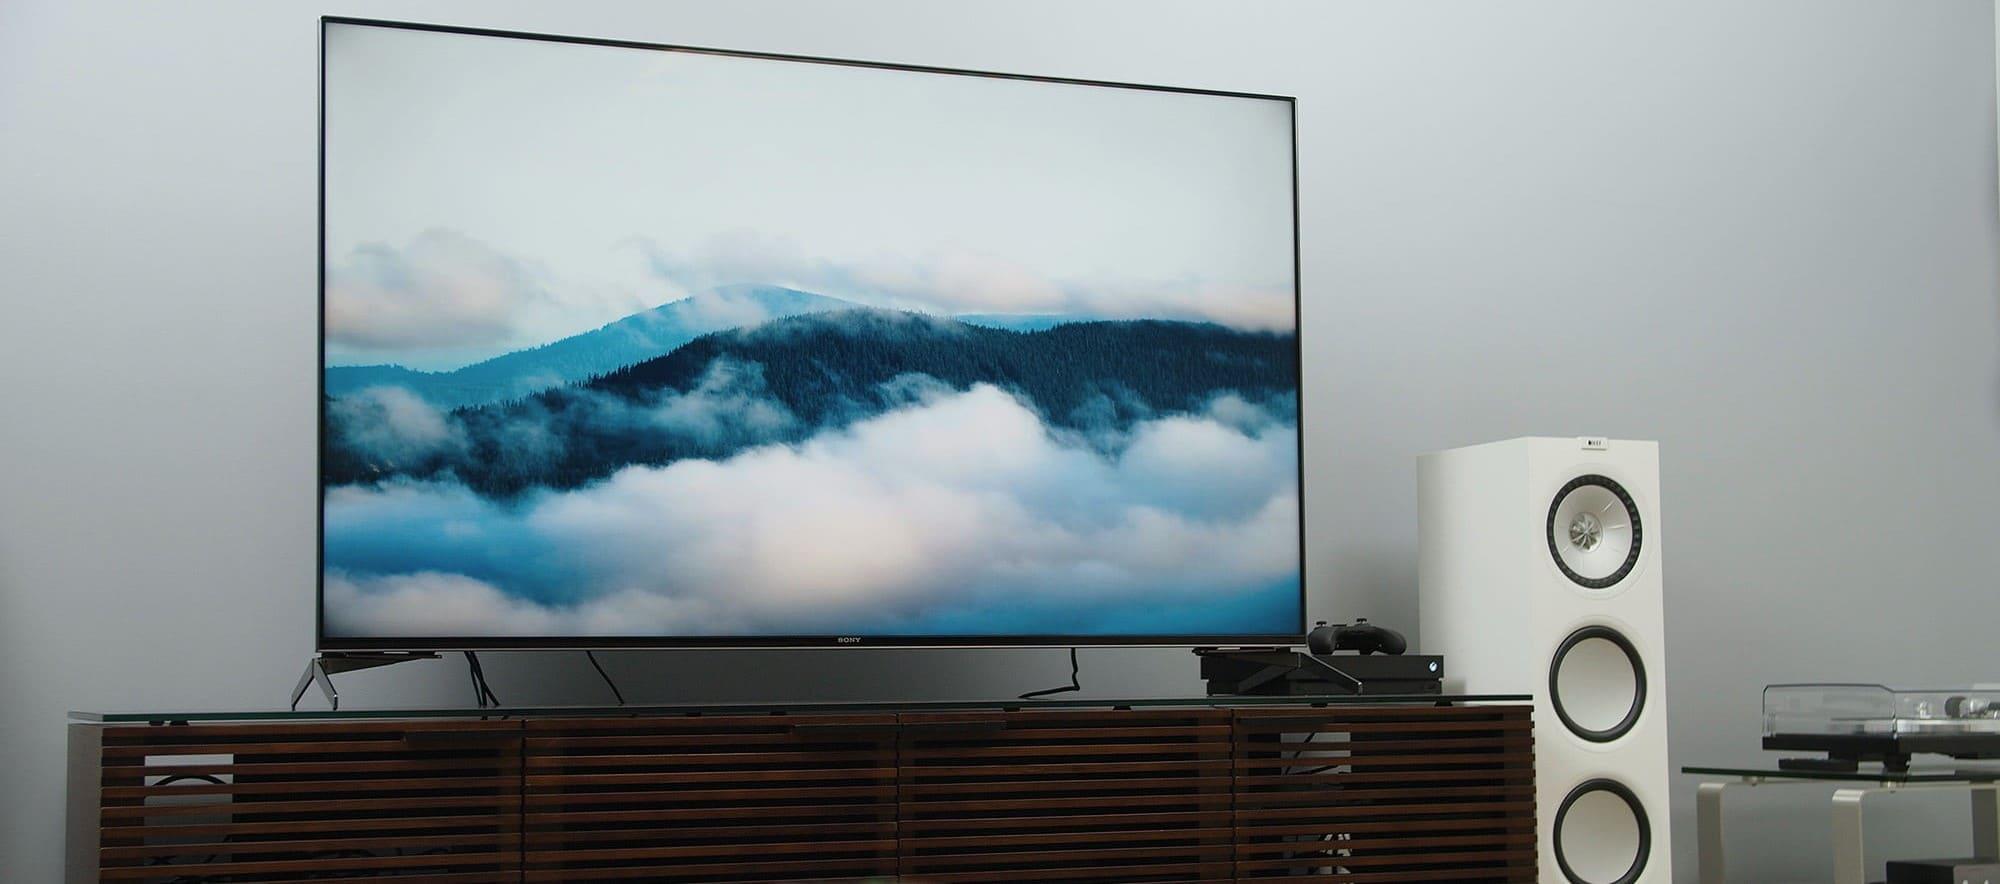 قیمت تلویزیون x9500h سونی